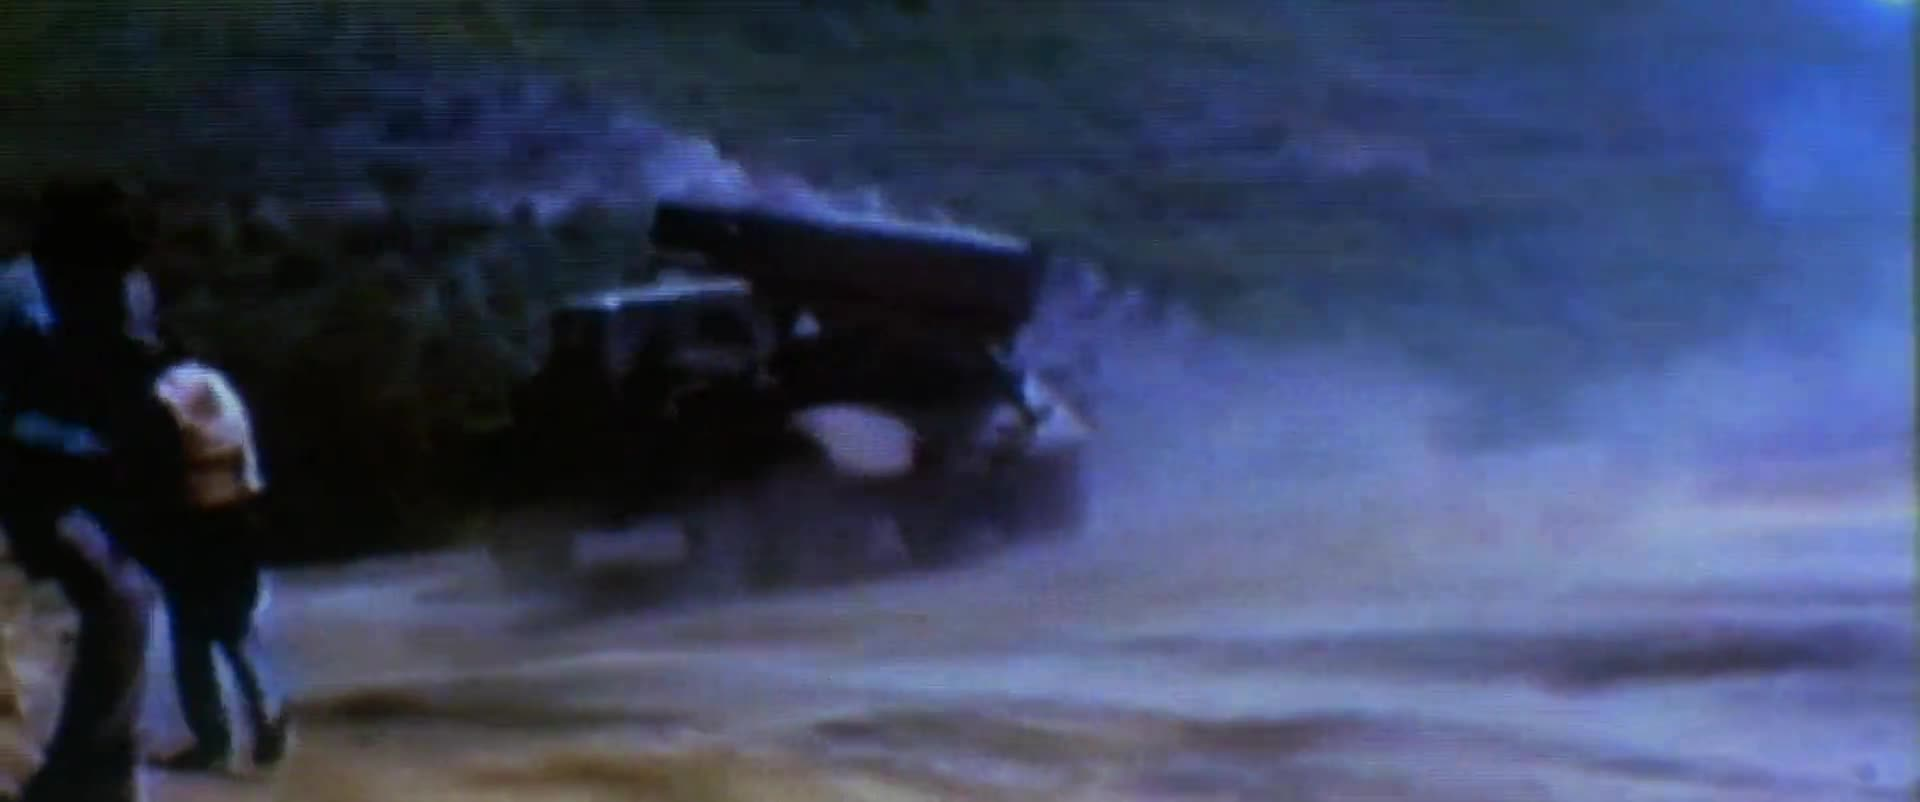 Karmazynowy przypływ *1995* PL 1080p